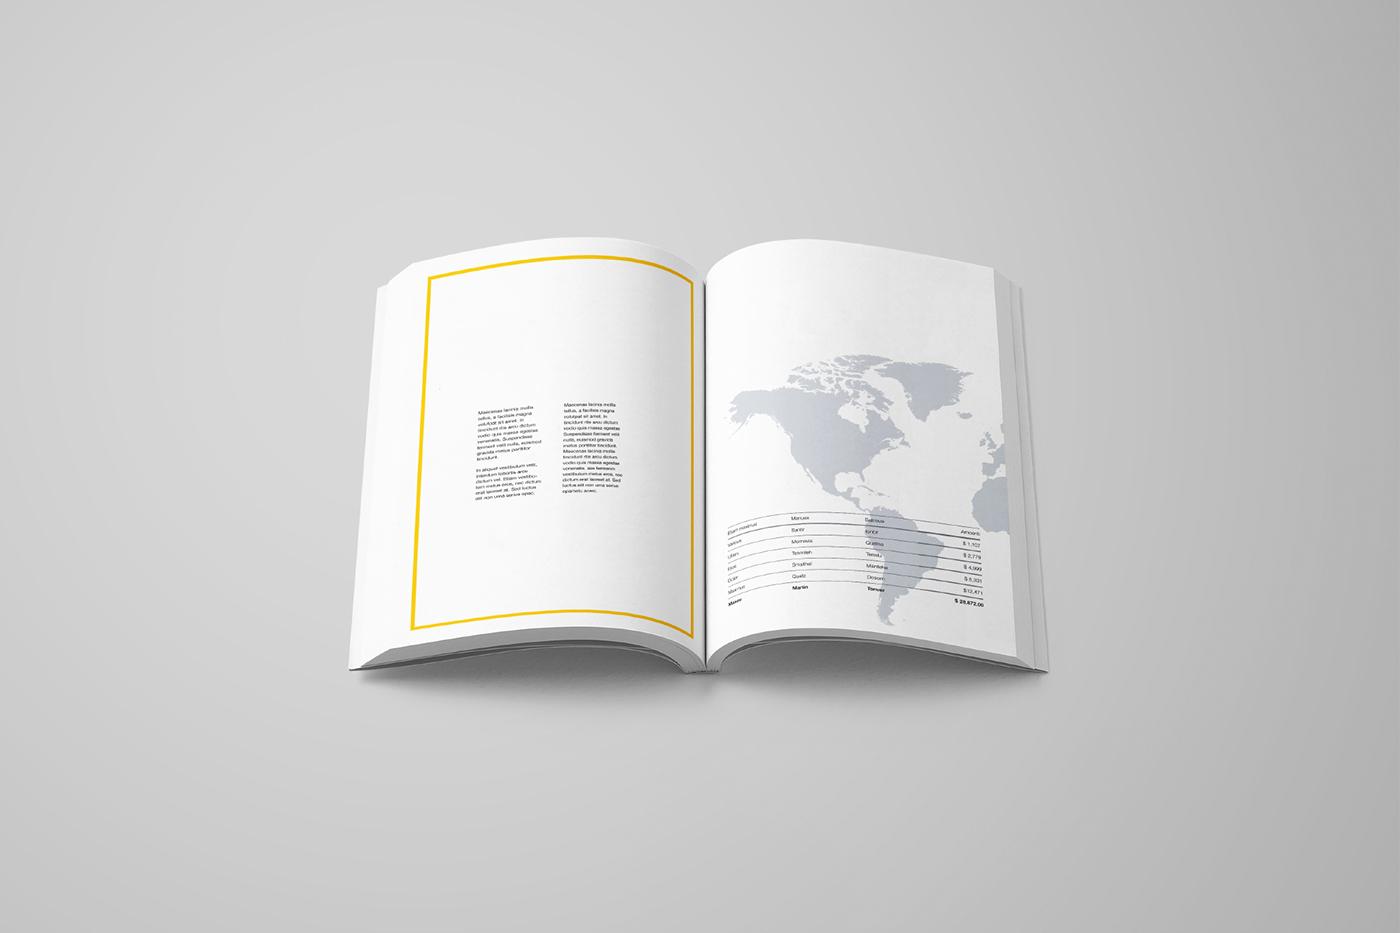 book book mockup free book free psd book psd book Photoshop Book